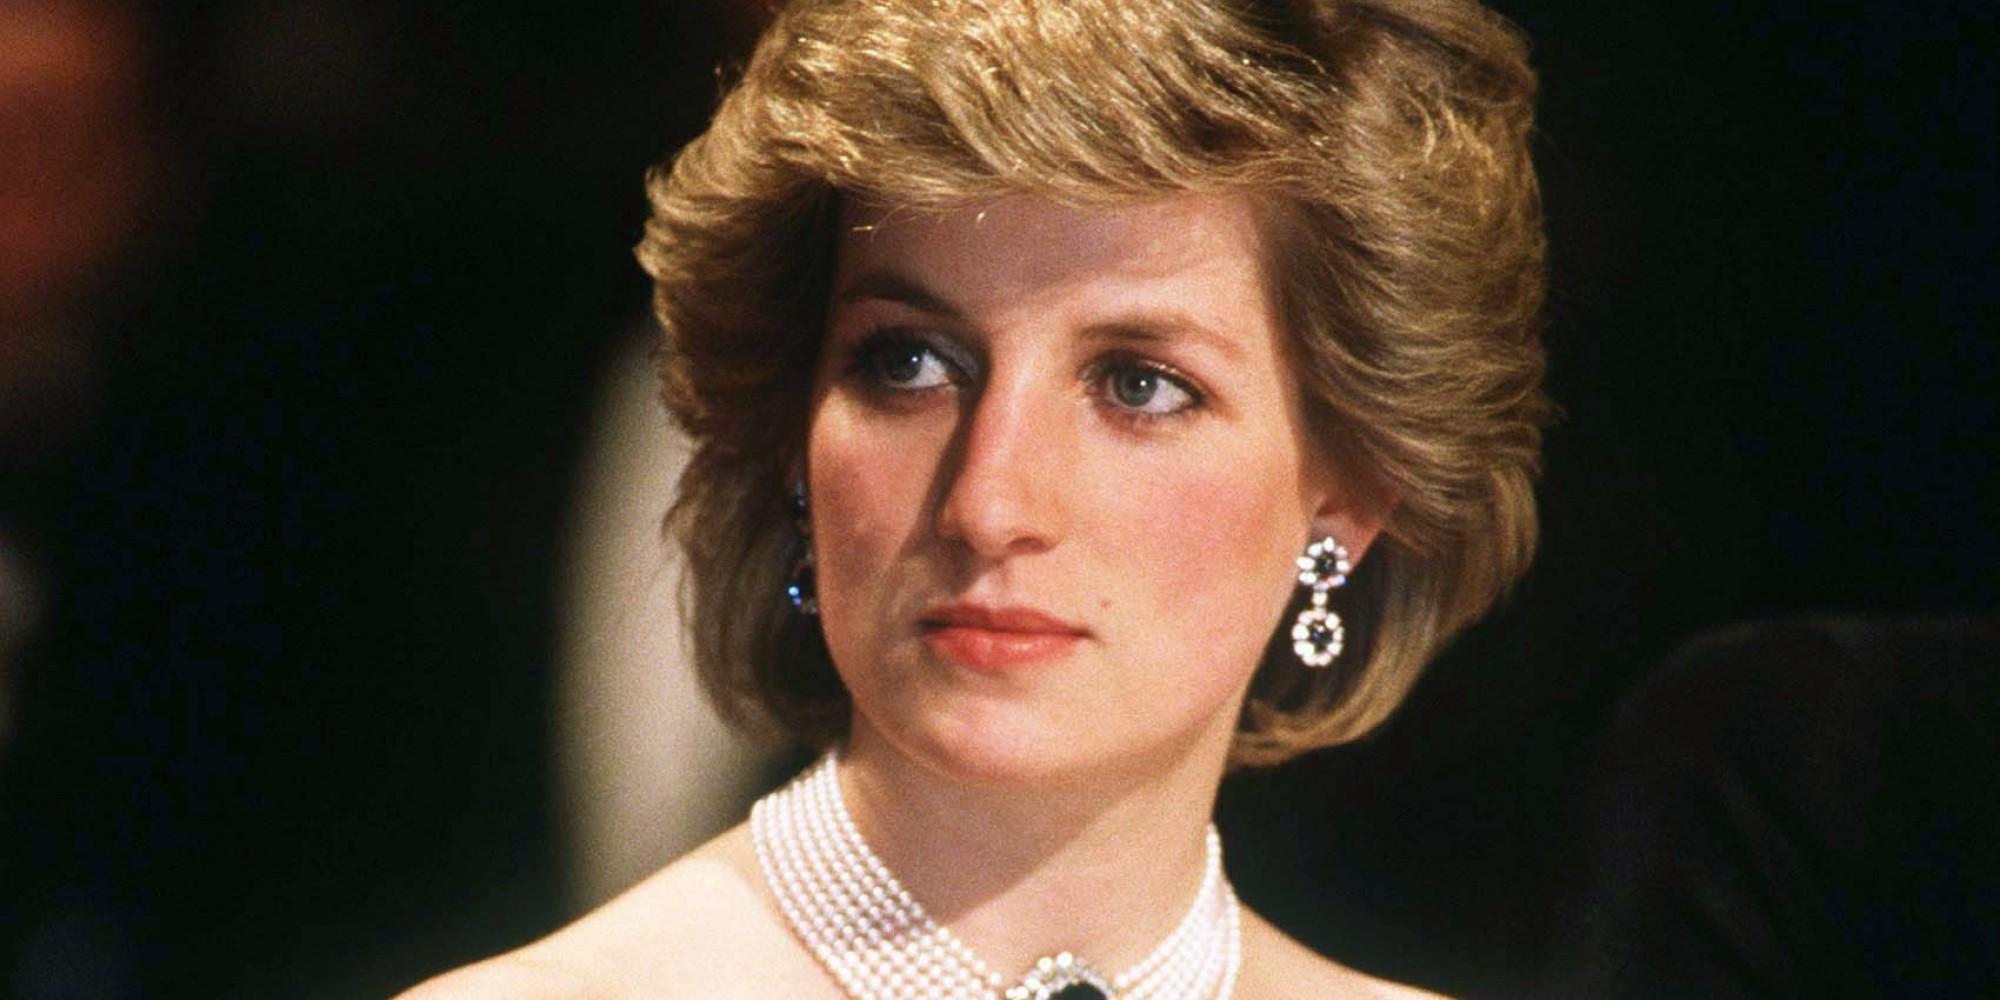 Princess Diana death: ITV viewers heartbroken over Paris